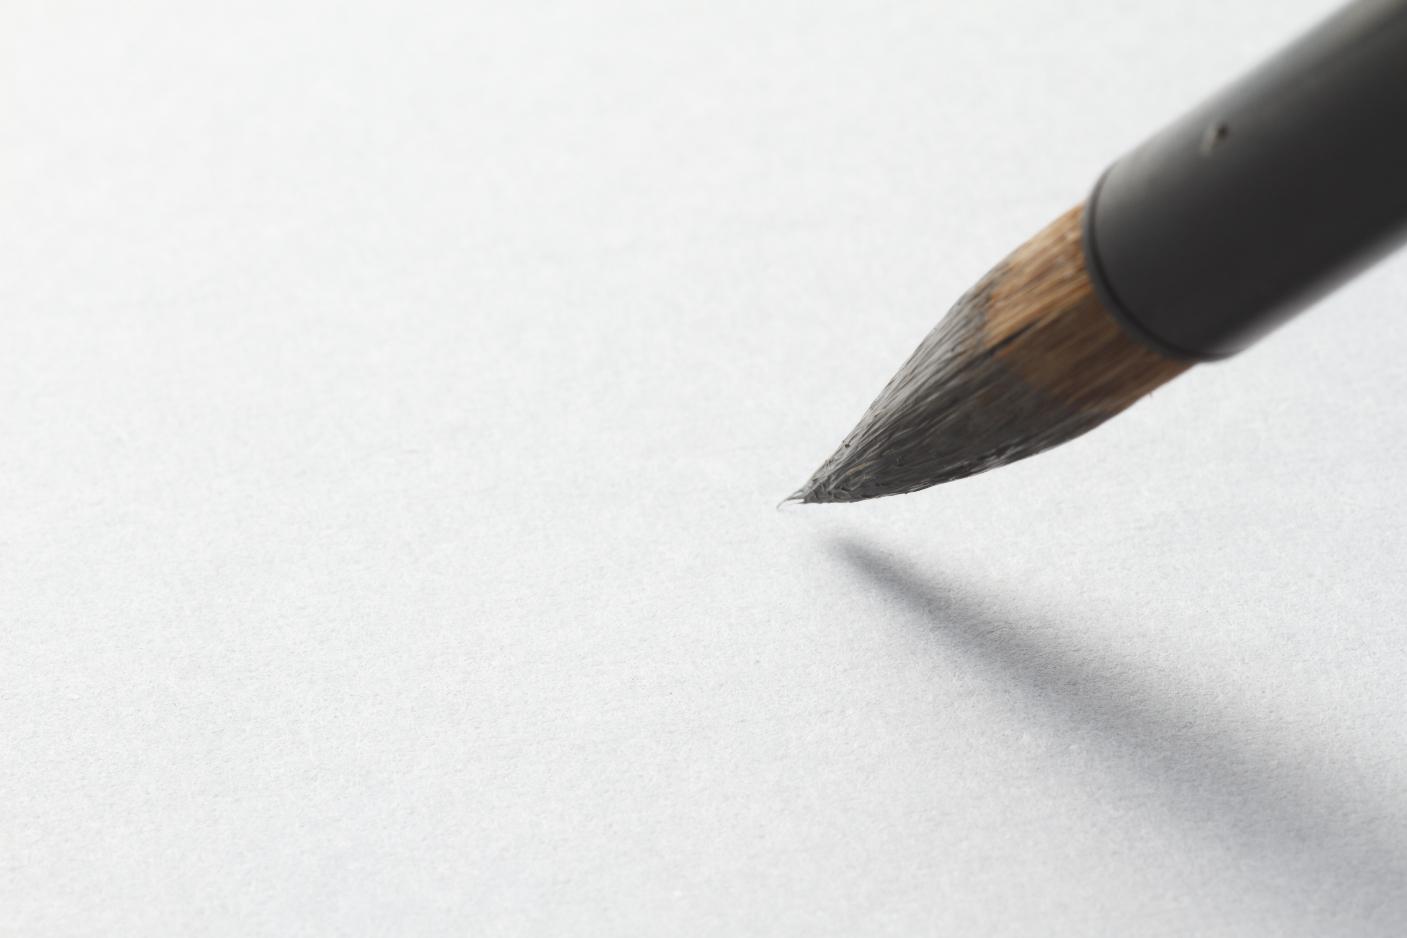 墨汁が付いた筆の先